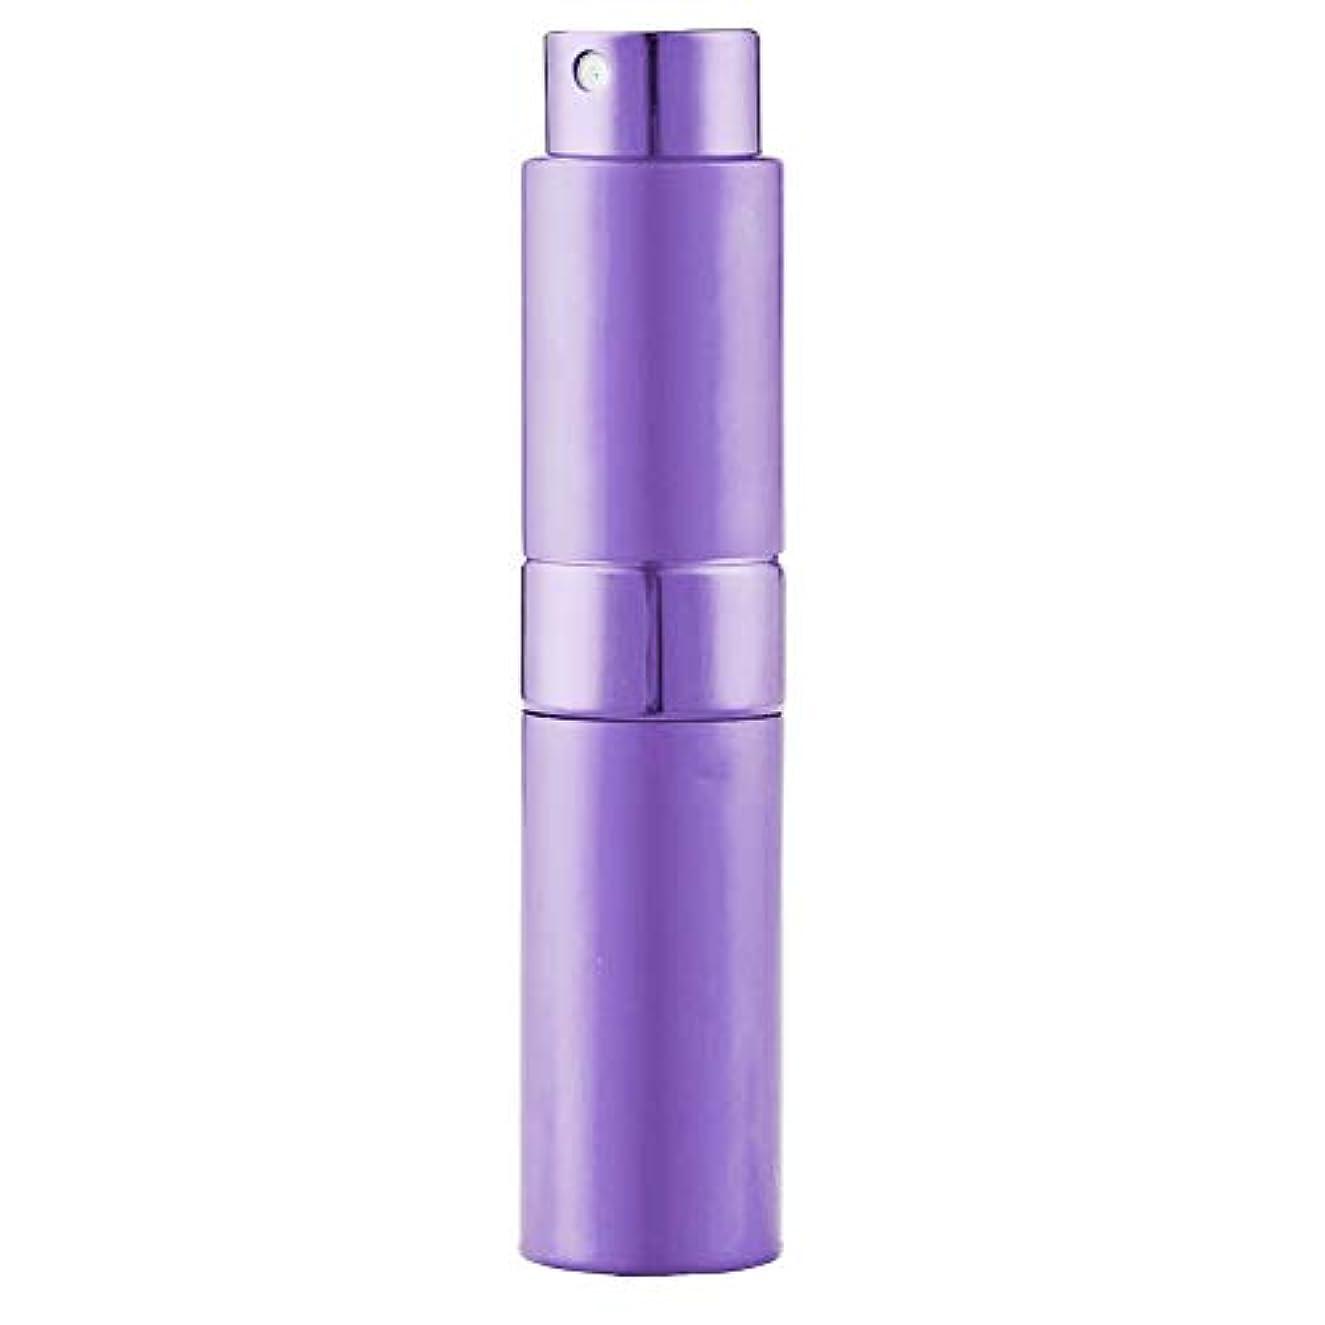 抗議埋める戻るLadygogo 香水アトマイザーセット 回転プッシュ式 スプレー ボトル 香水スプレー 詰め替え 持ち運び 身だしなみ 携帯用 男女兼用 (紫)